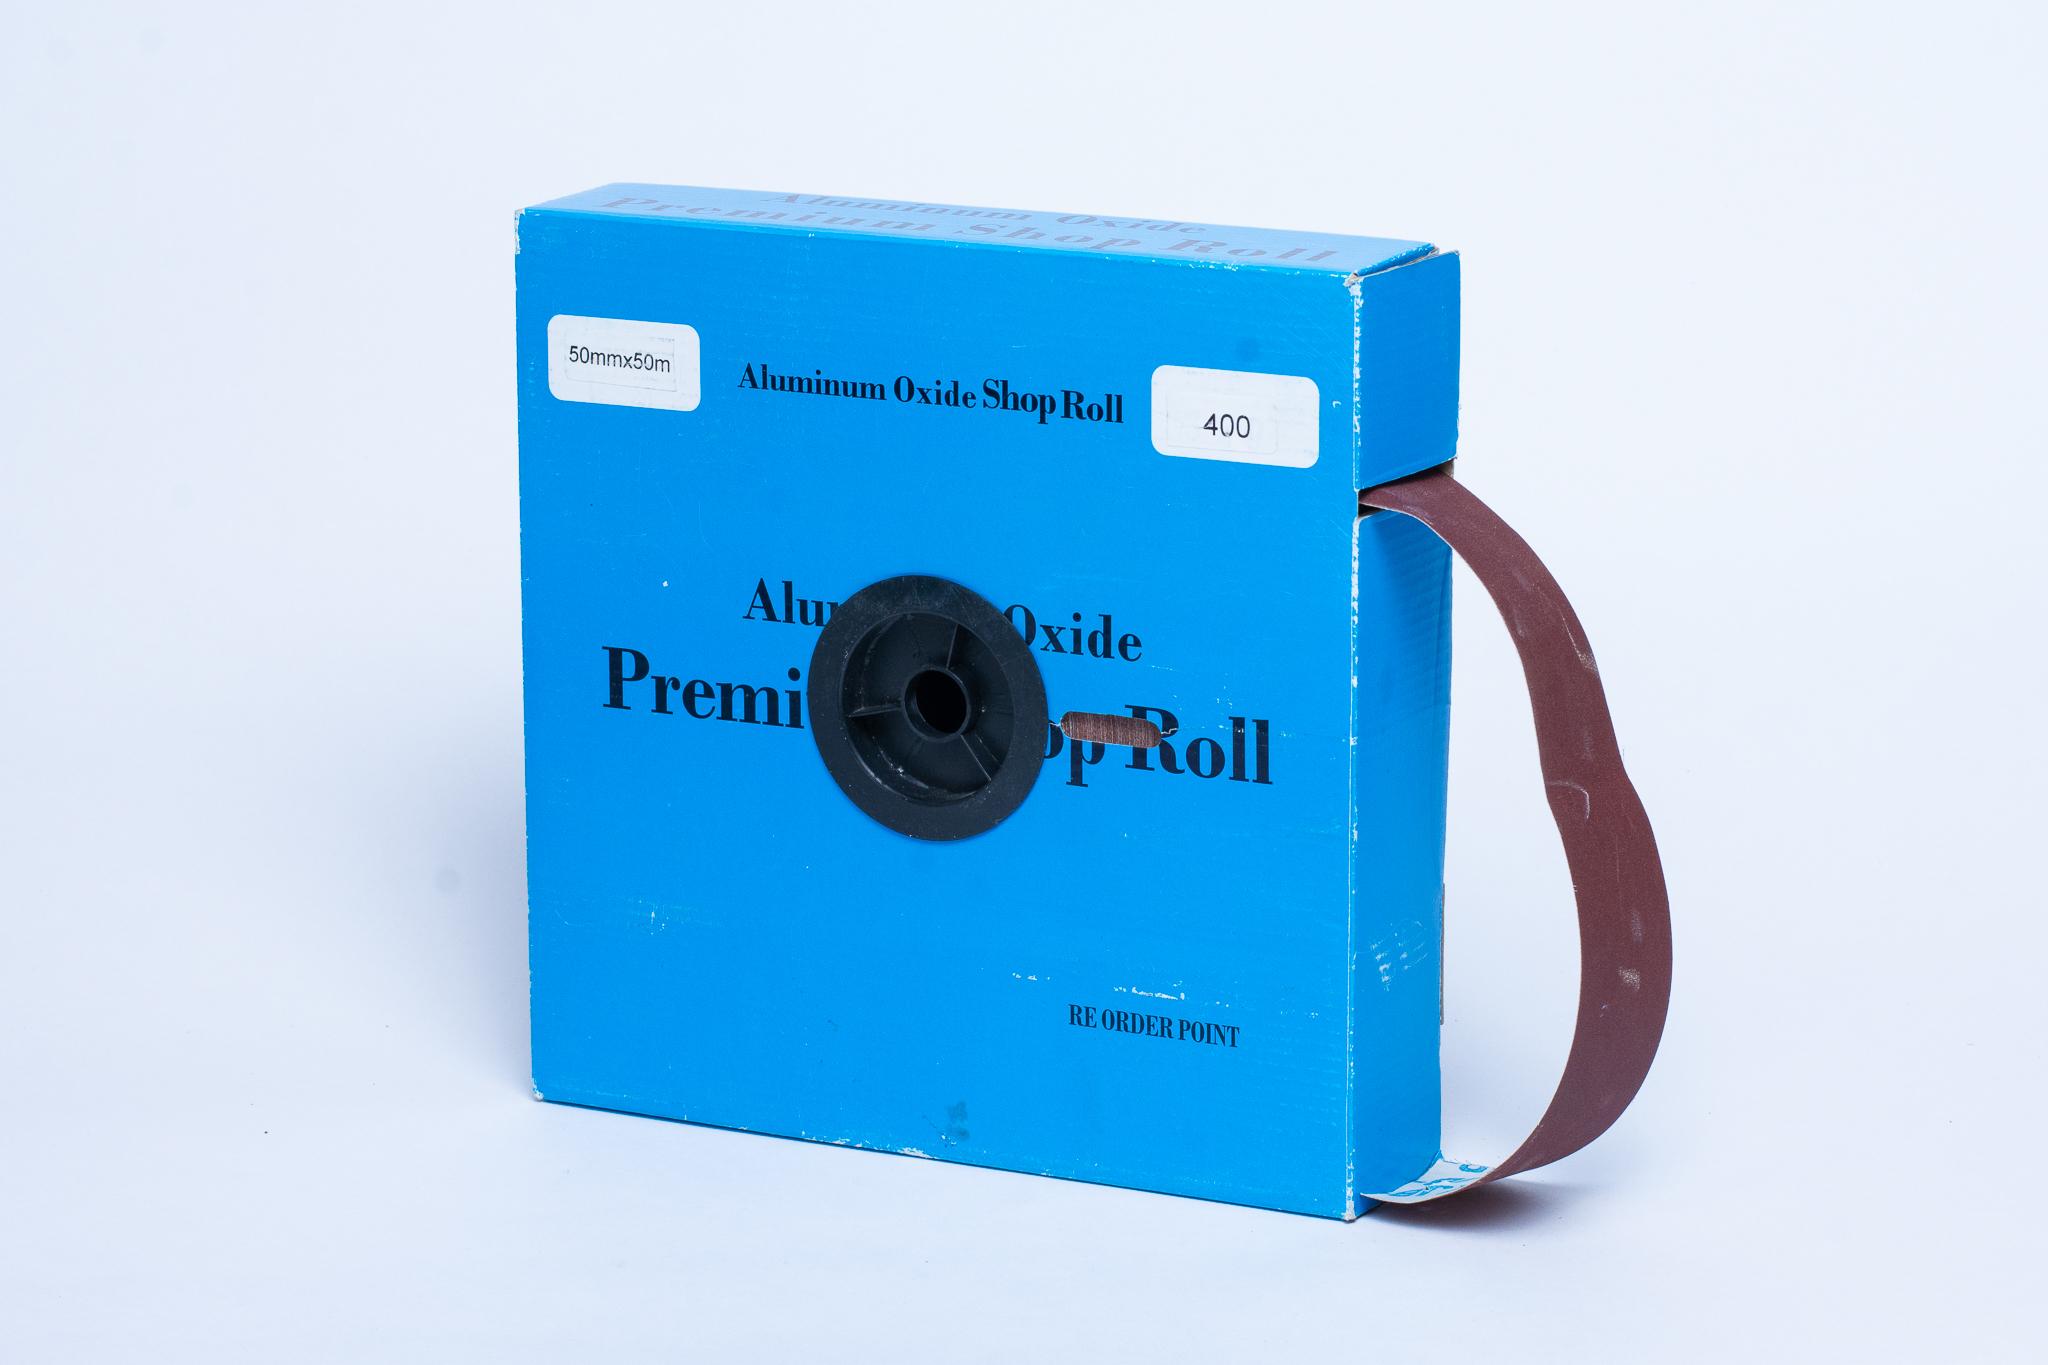 Premium-shop-roll